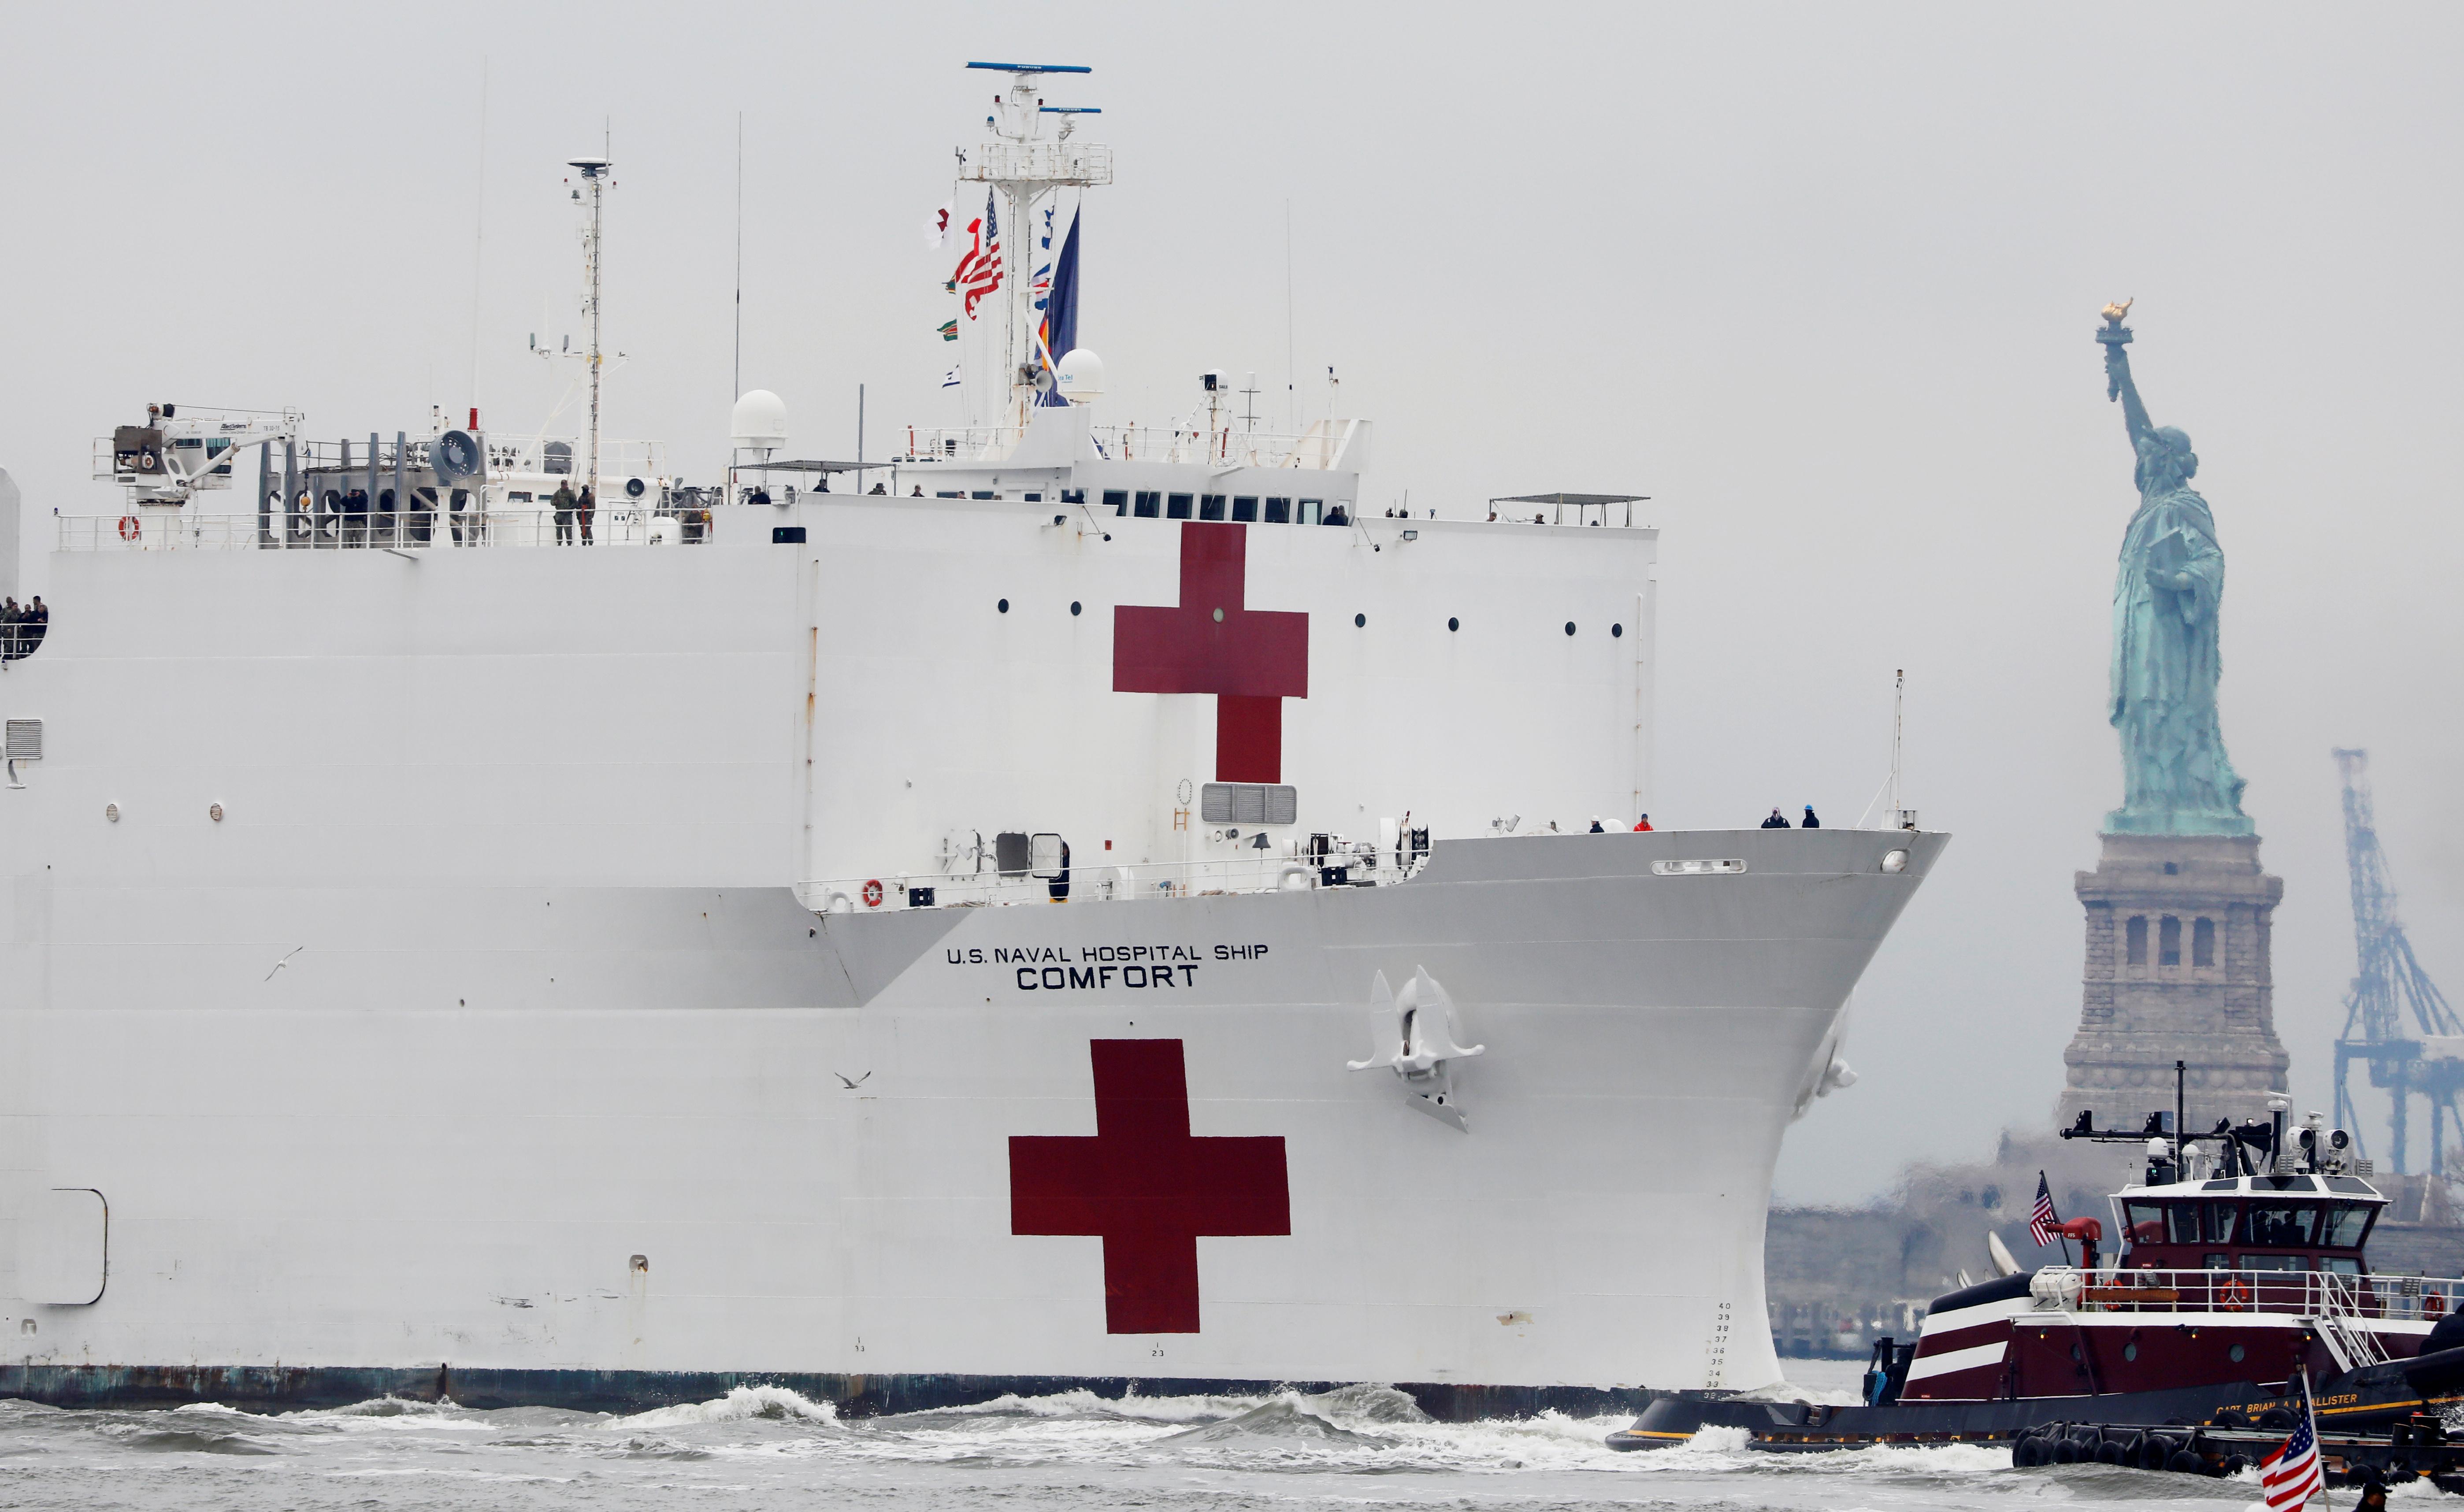 El mastodóntico buque ha pasado junto a la emblemática Estatua de la Libertad acompañado por varias embarcaciones y helicópteros y ante la atenta mirada de unas pocas decenas de testigos que estaban en el lugar, respetando las regulaciones de distanciamiento social